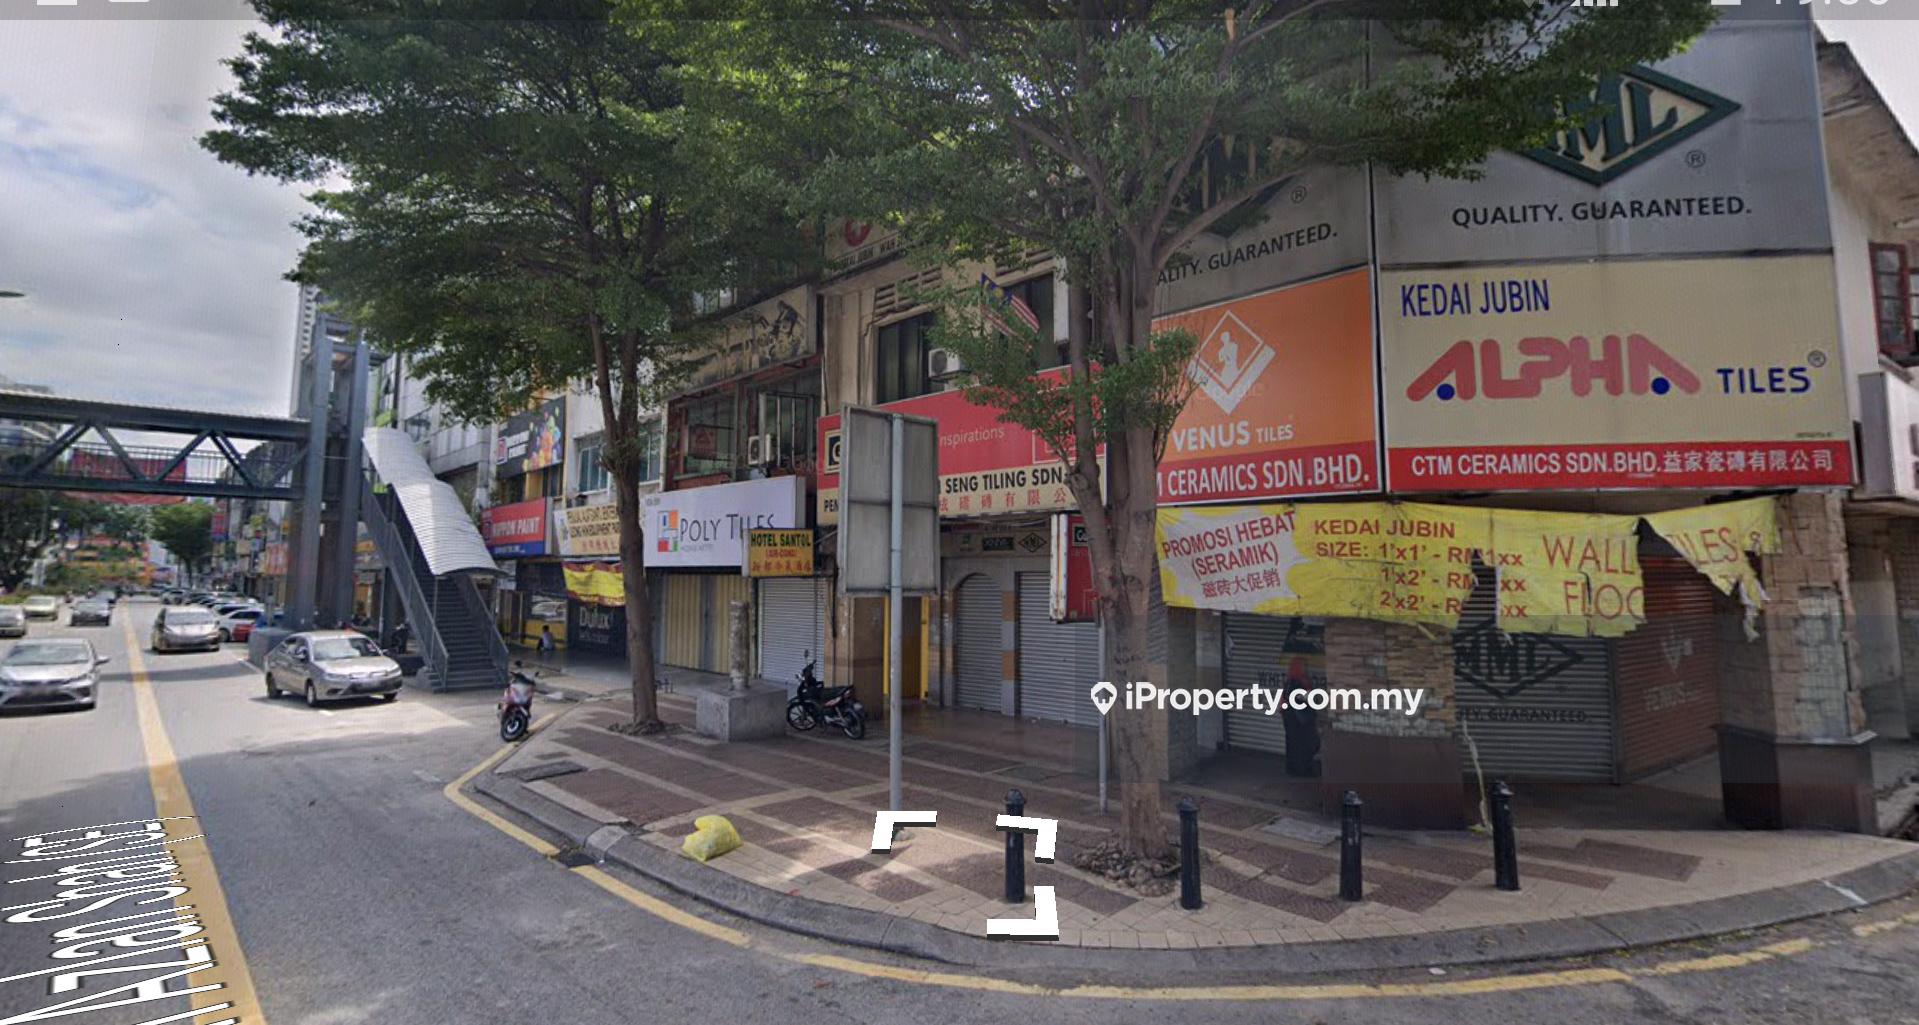 Jalan Ipoh Mainroad Corner, Taman Golden, Jalan Ipoh